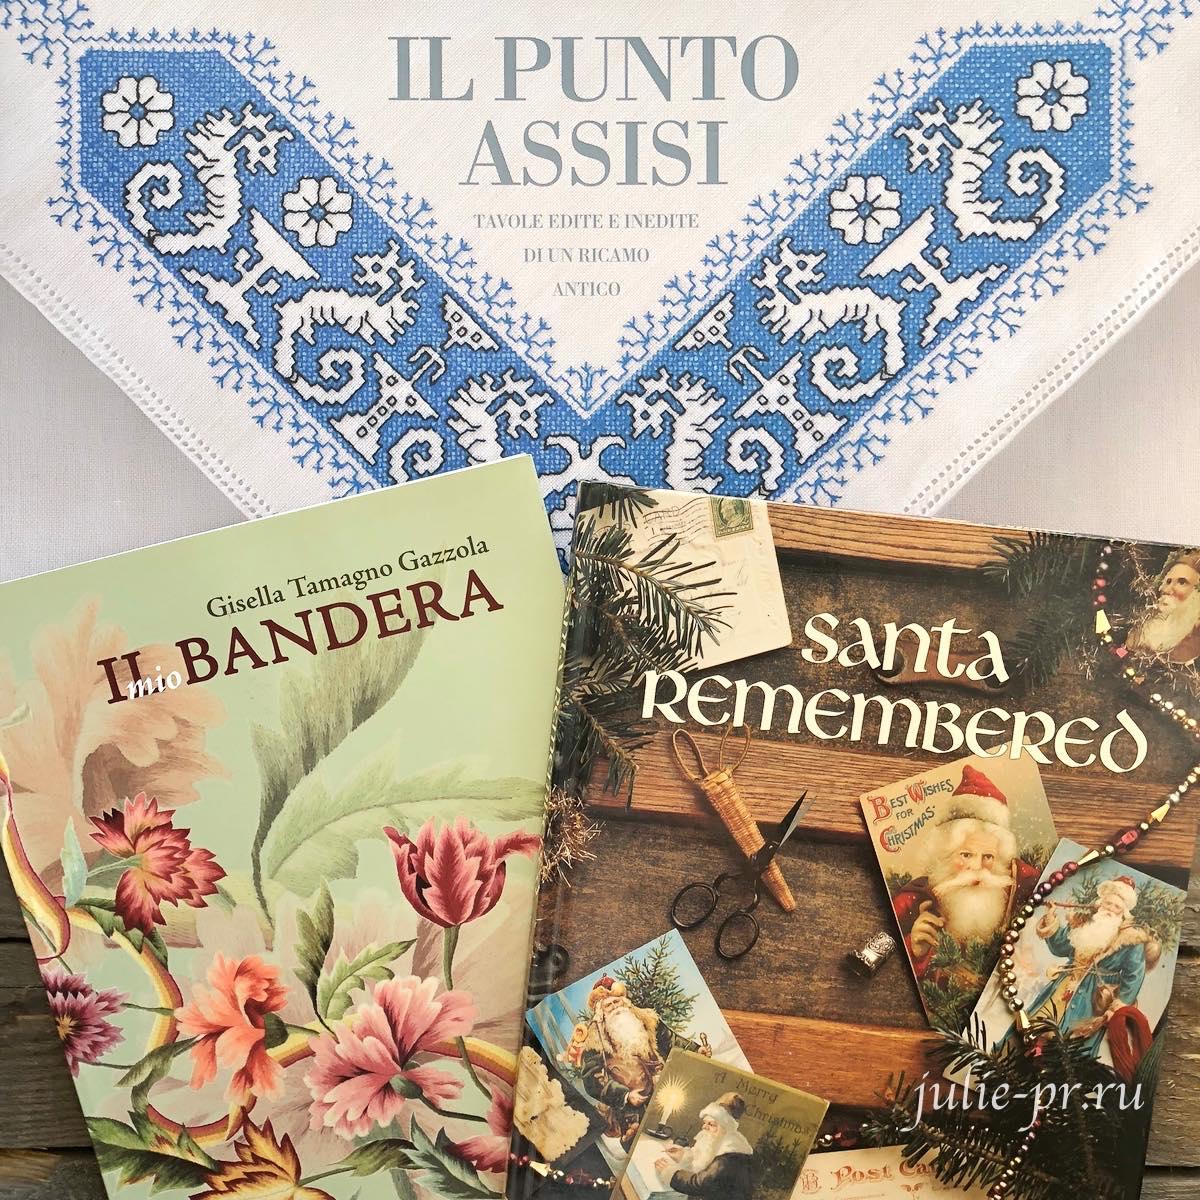 Рукодельный магазин Ricamo & Cucito, Флоренция, Италия, вышивка крестом, книги по вышивке